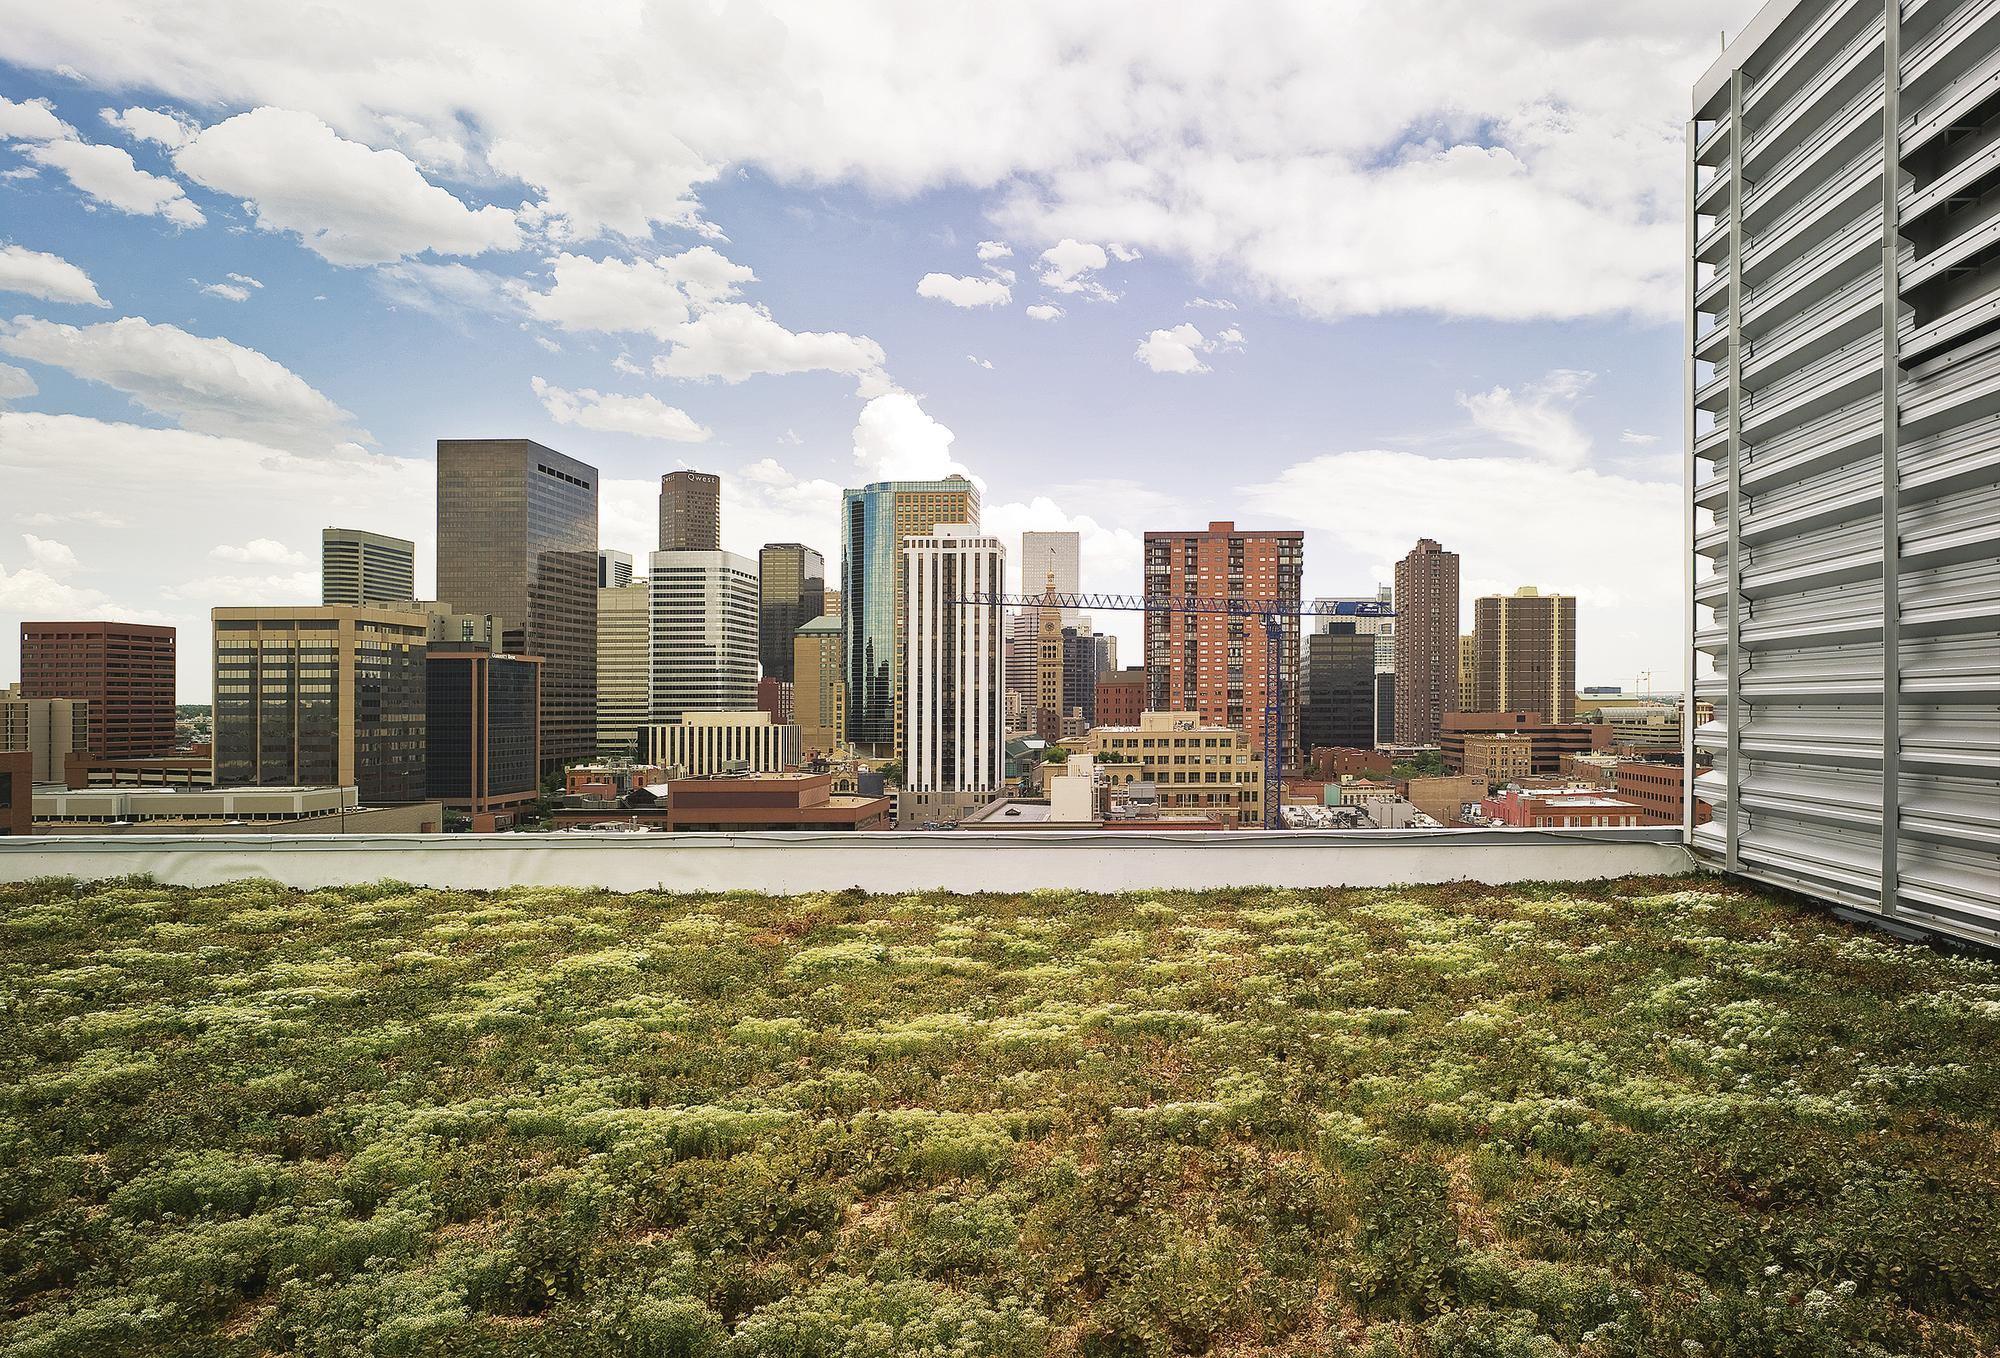 Aurora Colorado Building Codes Roofing